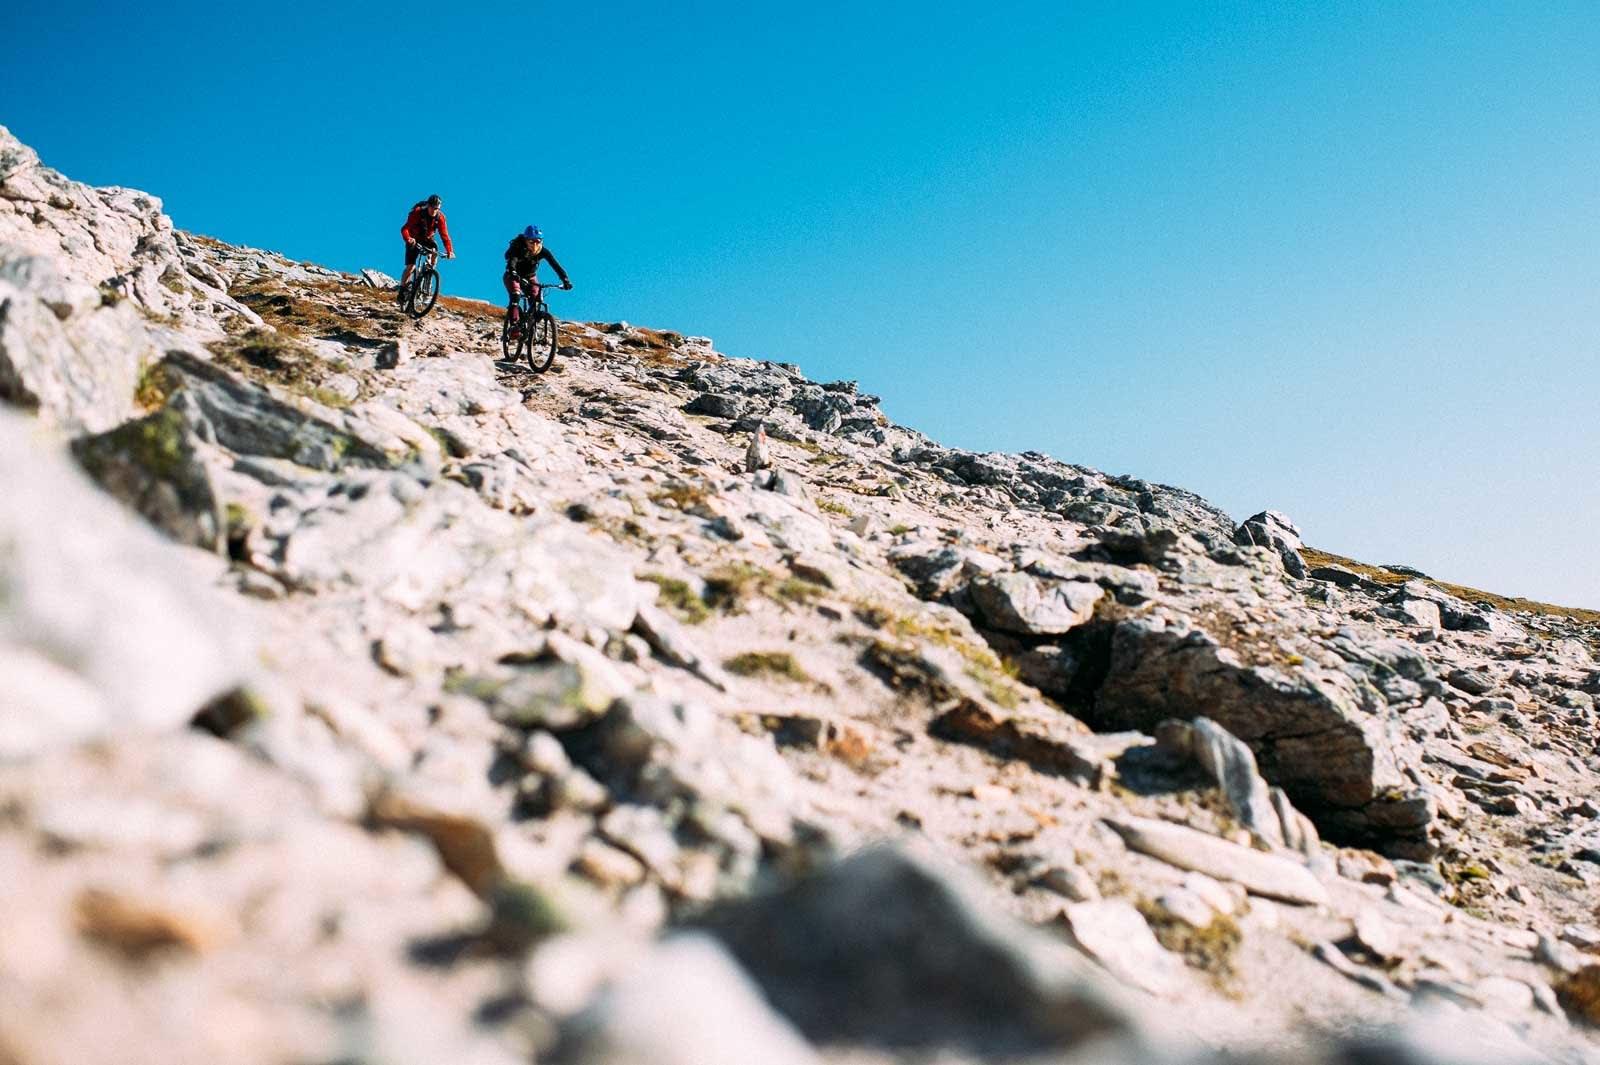 Stein på stein på stein: Toppartiet på Fugltinden er syklebart for de fleste stisyklister, men ikke helt uten tyggemotstand.